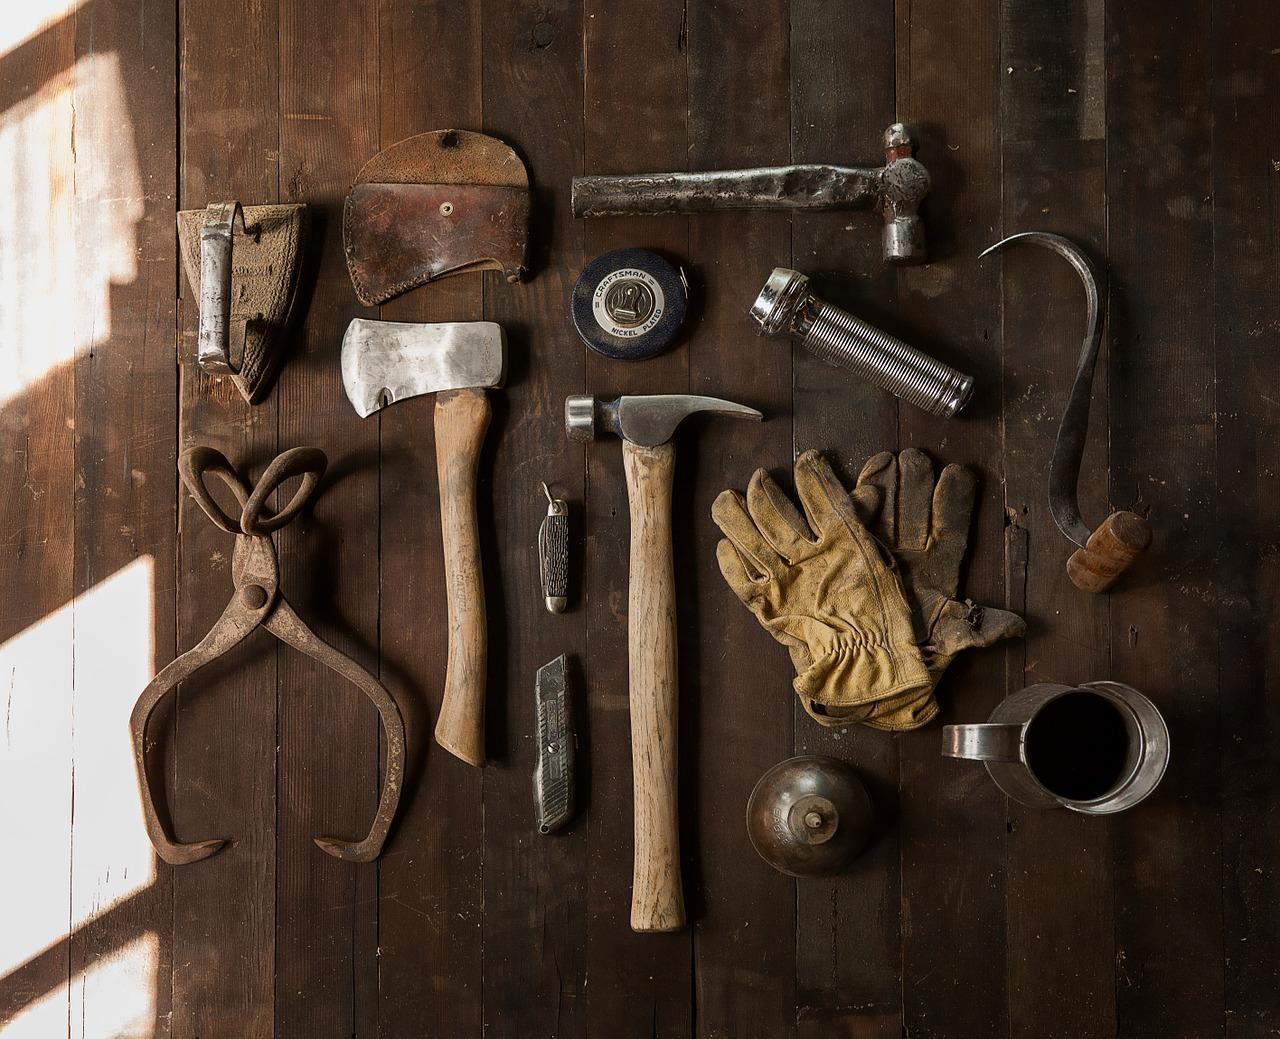 Les meilleurs outils de bricolage à savoir pour réussir ses projets